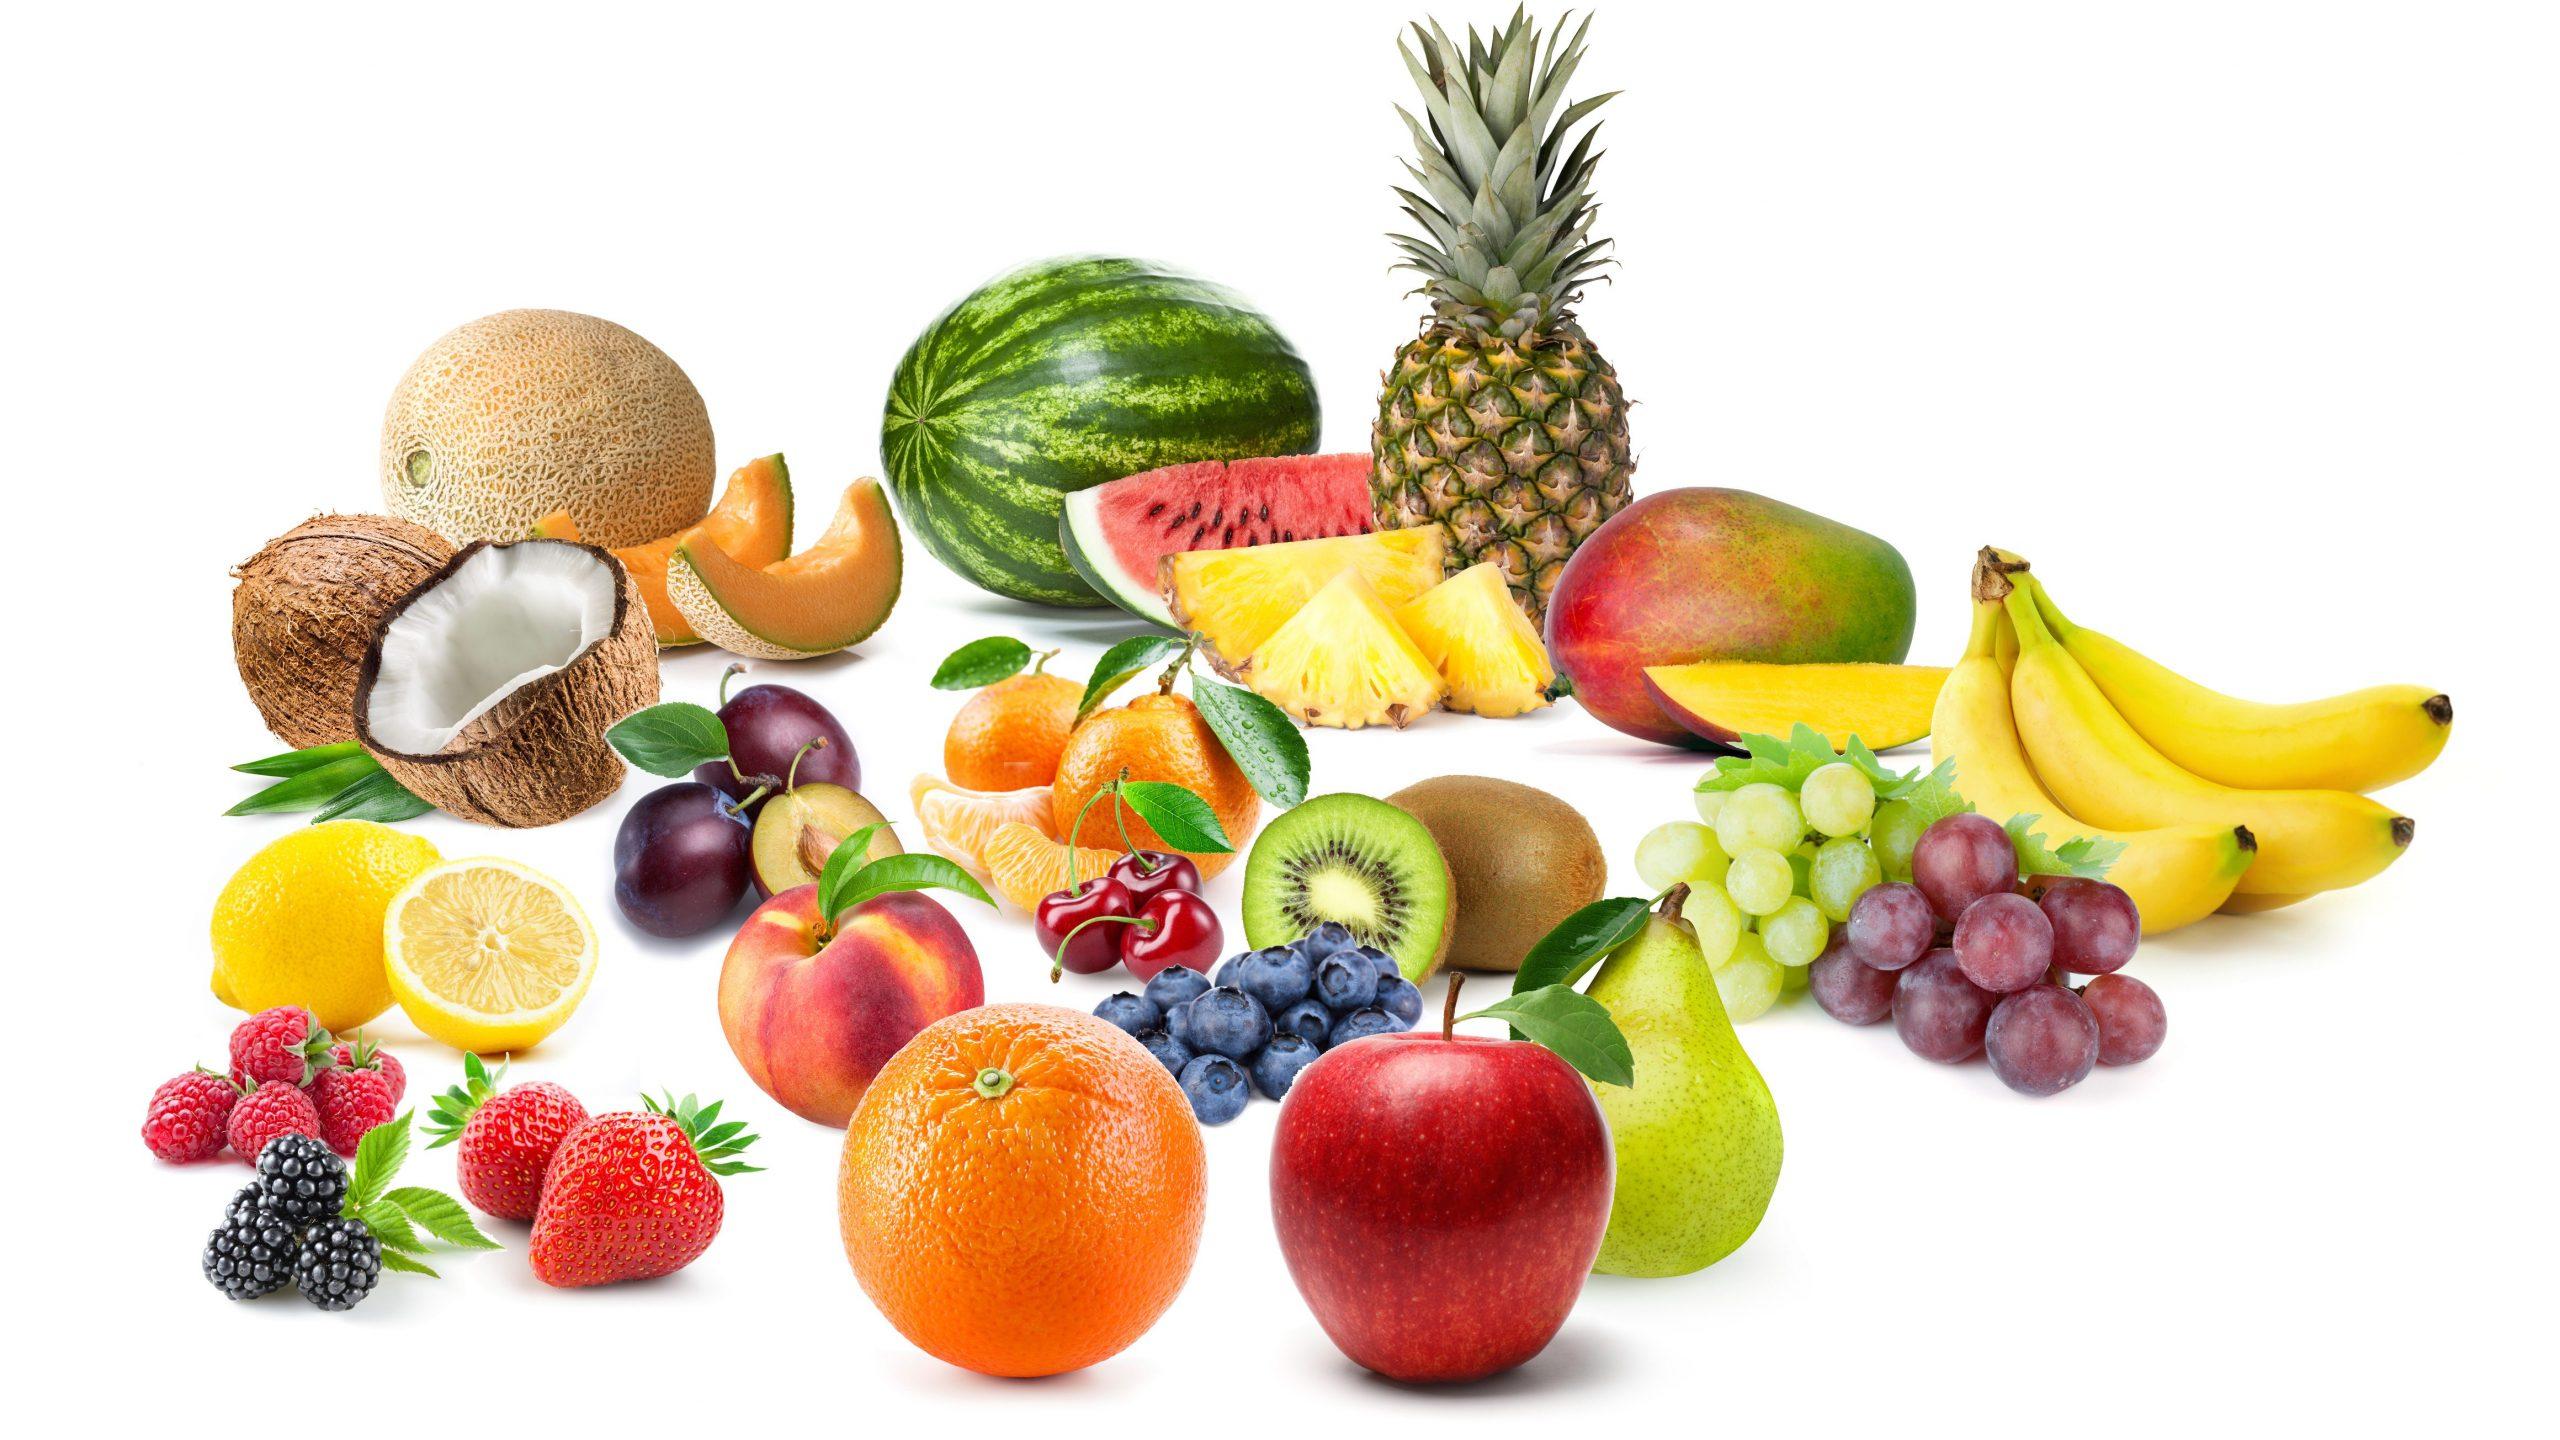 Düşük Karbonhidratlı Meyve ve Sebzeler